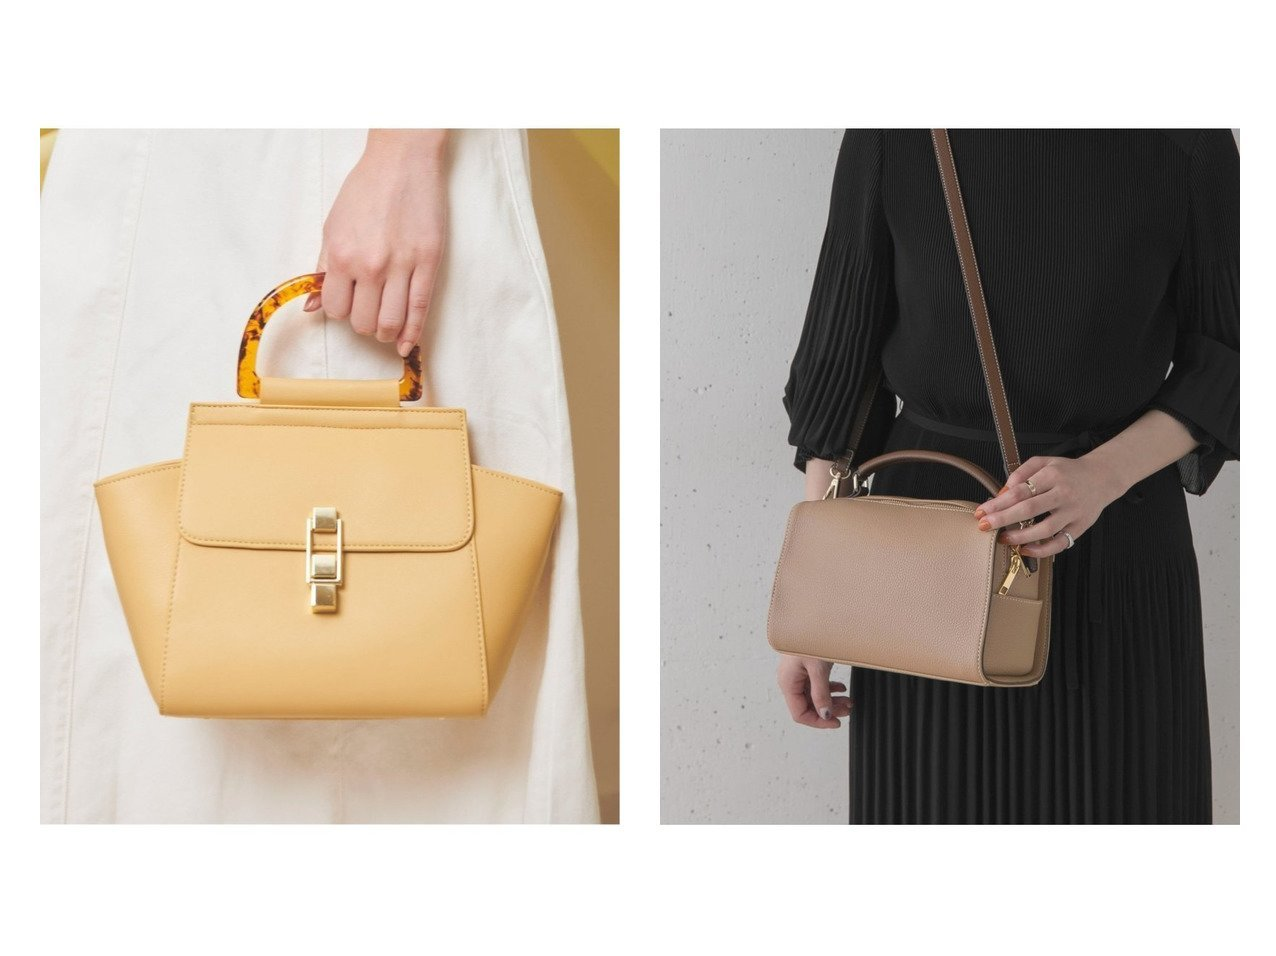 【URBAN RESEARCH ROSSO/アーバンリサーチ ロッソ】のスクエアボストンバッグ&【Noela/ノエラ】のべっ甲ハンドルバック バッグ・鞄のおすすめ!人気、トレンド・レディースファッションの通販  おすすめで人気の流行・トレンド、ファッションの通販商品 メンズファッション・キッズファッション・インテリア・家具・レディースファッション・服の通販 founy(ファニー) https://founy.com/ ファッション Fashion レディースファッション WOMEN バッグ Bag NEW・新作・新着・新入荷 New Arrivals シンプル 財布 A/W 秋冬 AW Autumn/Winter / FW Fall-Winter ショルダー スクエア ボストンバッグ 人気 今季 再入荷 Restock/Back in Stock/Re Arrival |ID:crp329100000009888